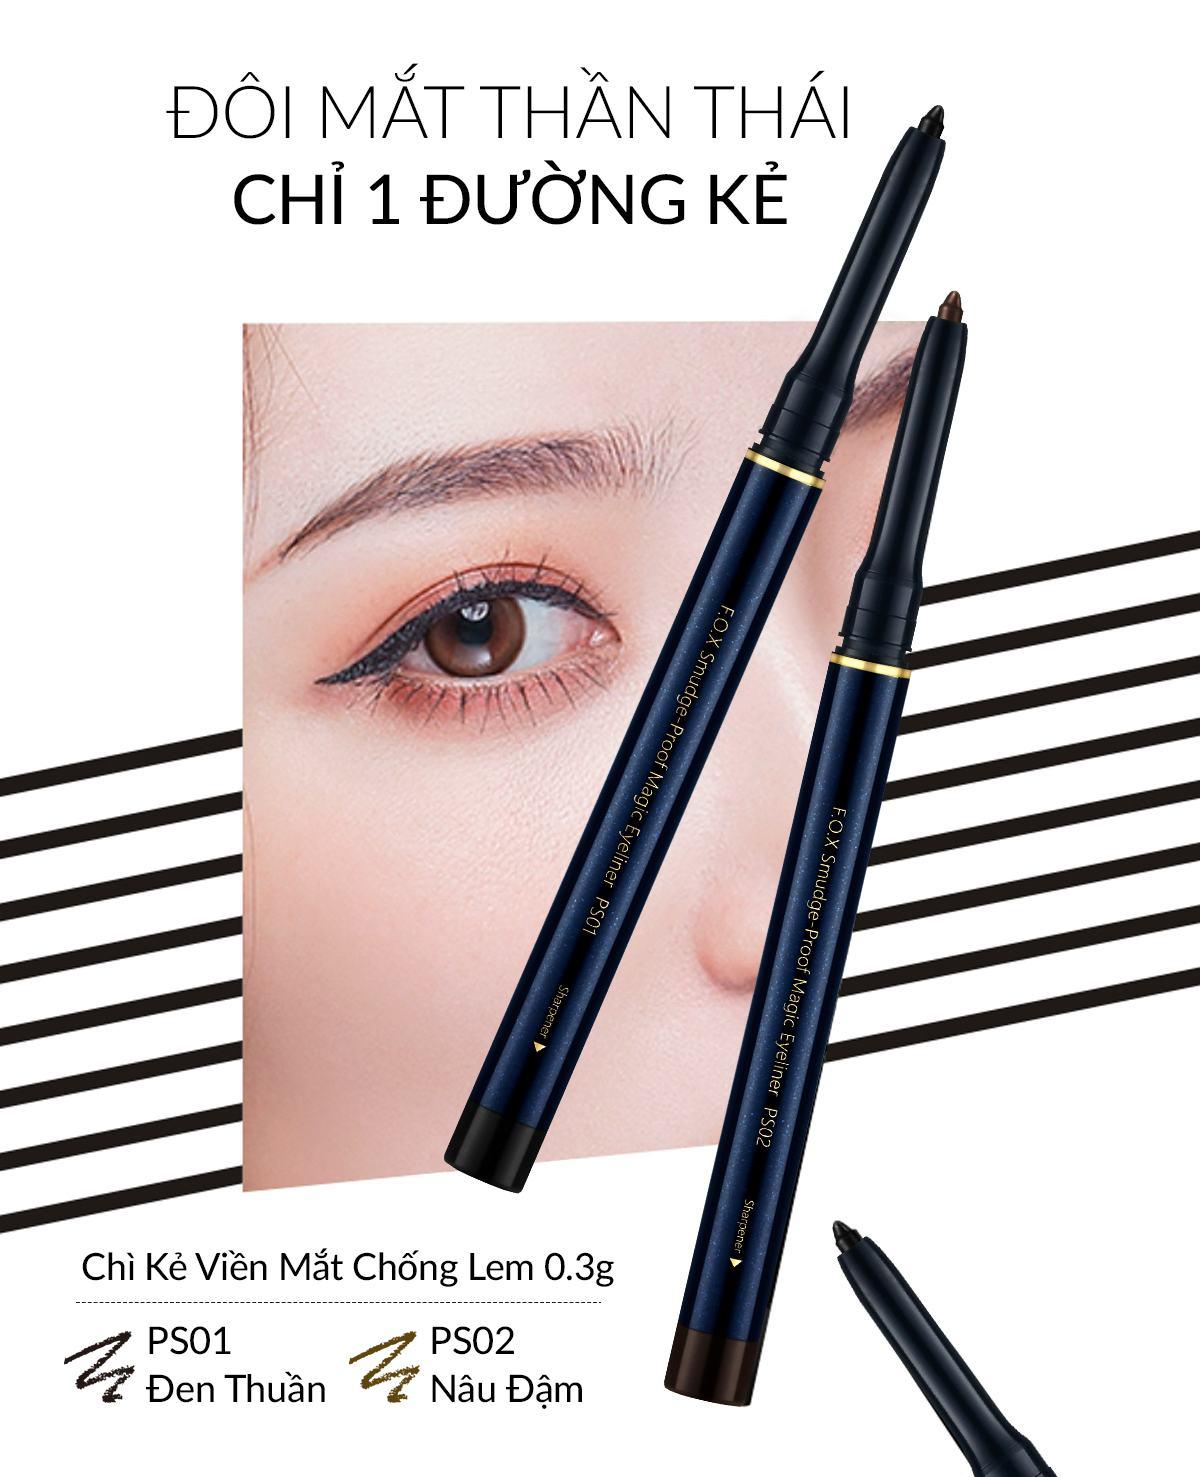 Chì Kẻ Viền Mắt Smudge Proof Magic Eyeliner Chống Lem